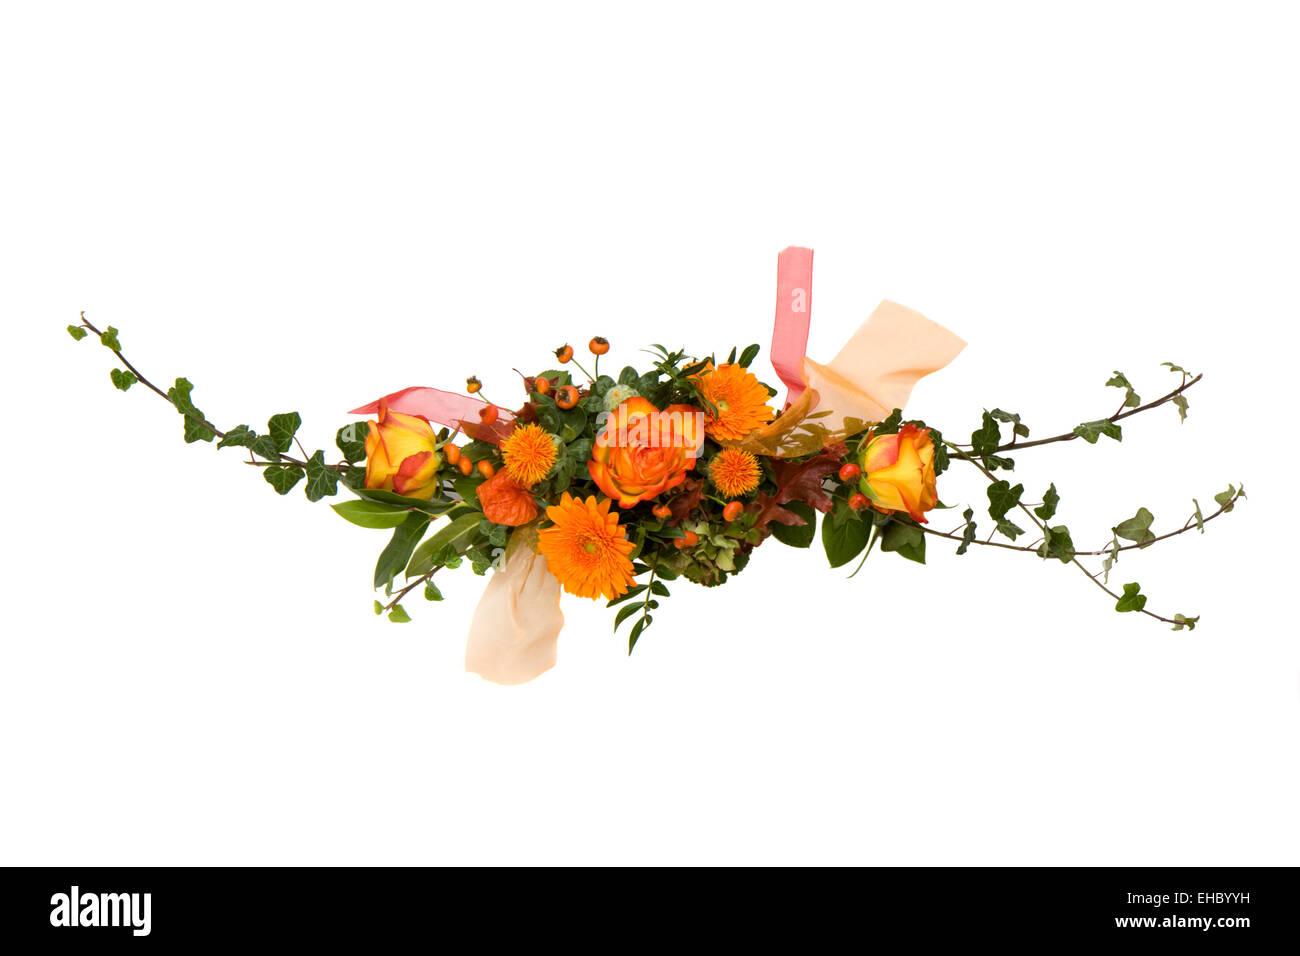 schönen Blumenstrauß isoliert auf Weiß Stock Photo